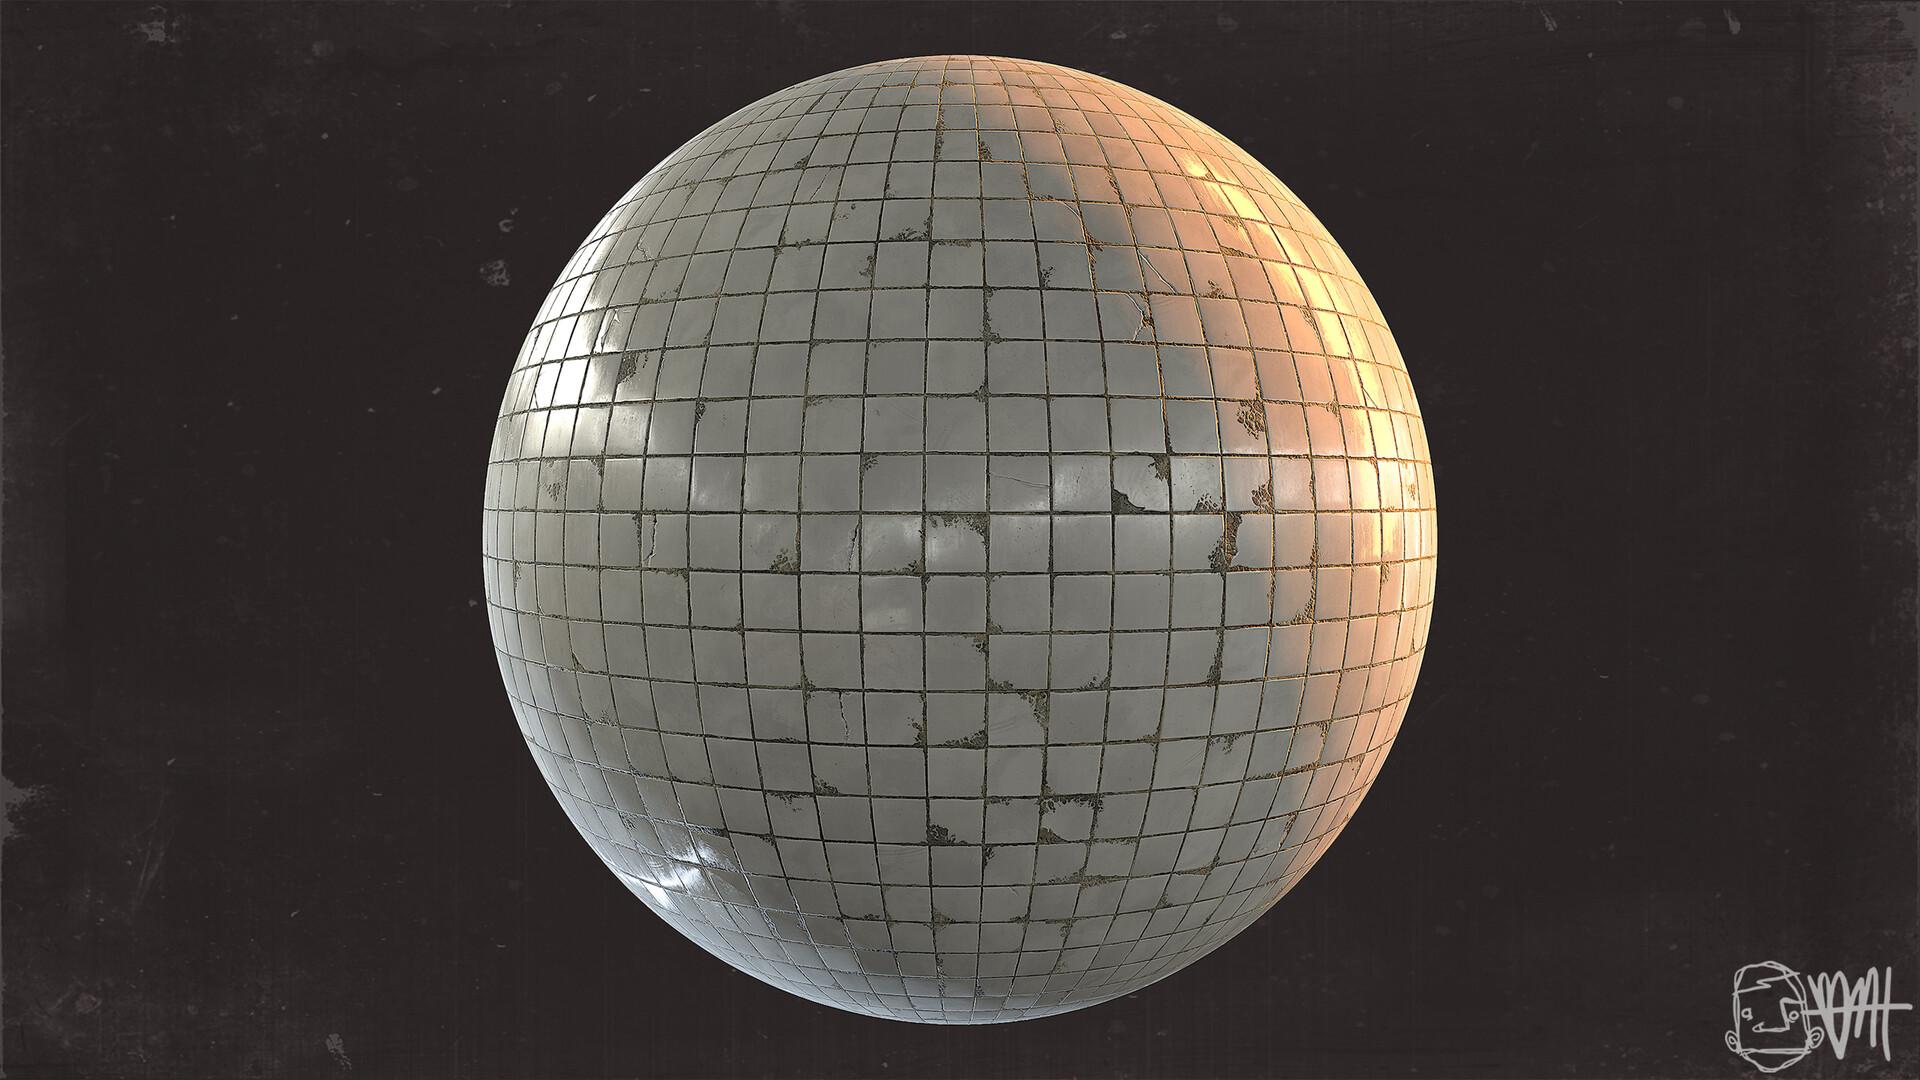 Brett marshall tucker subway tile sphere render 4